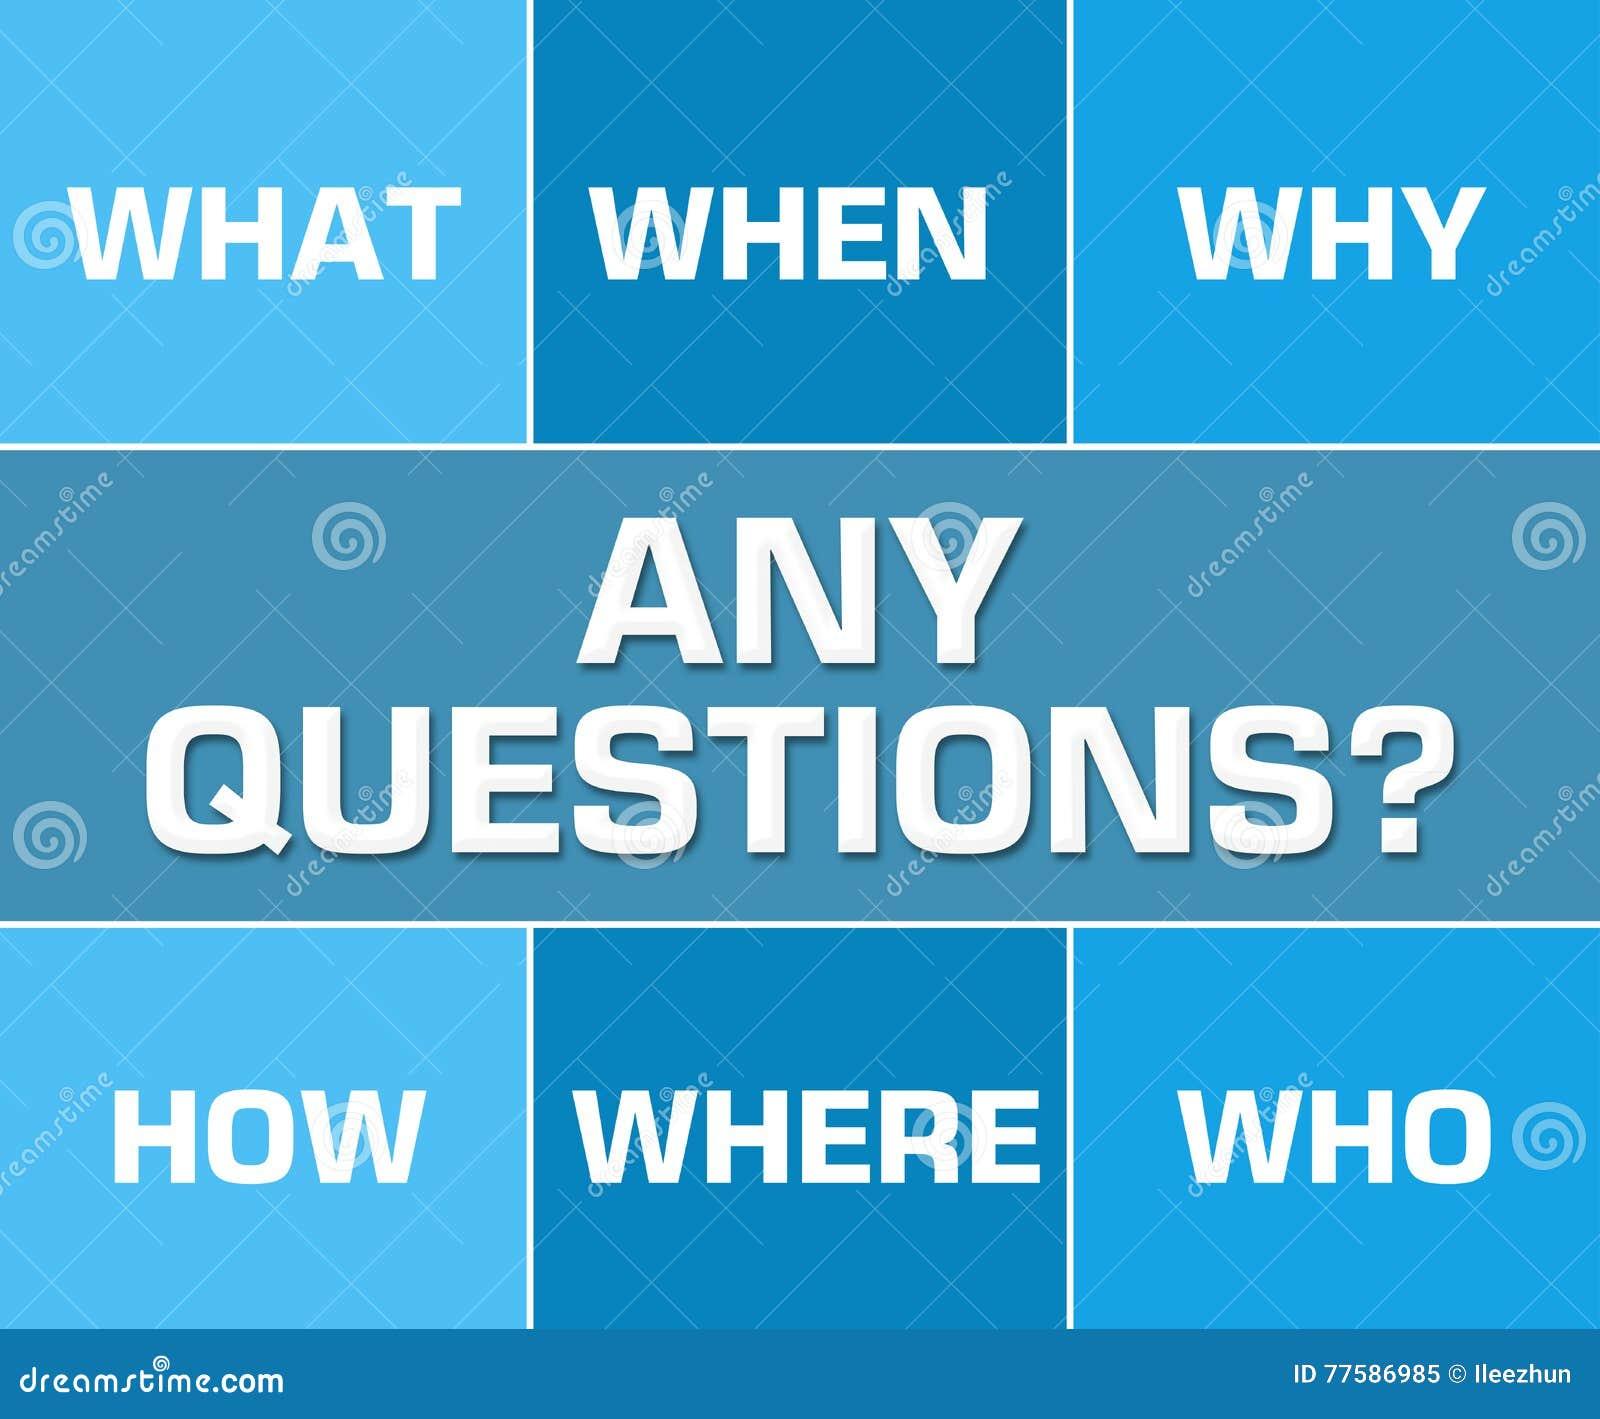 Τυχαίες ερωτήσεις για να ρωτήσετε